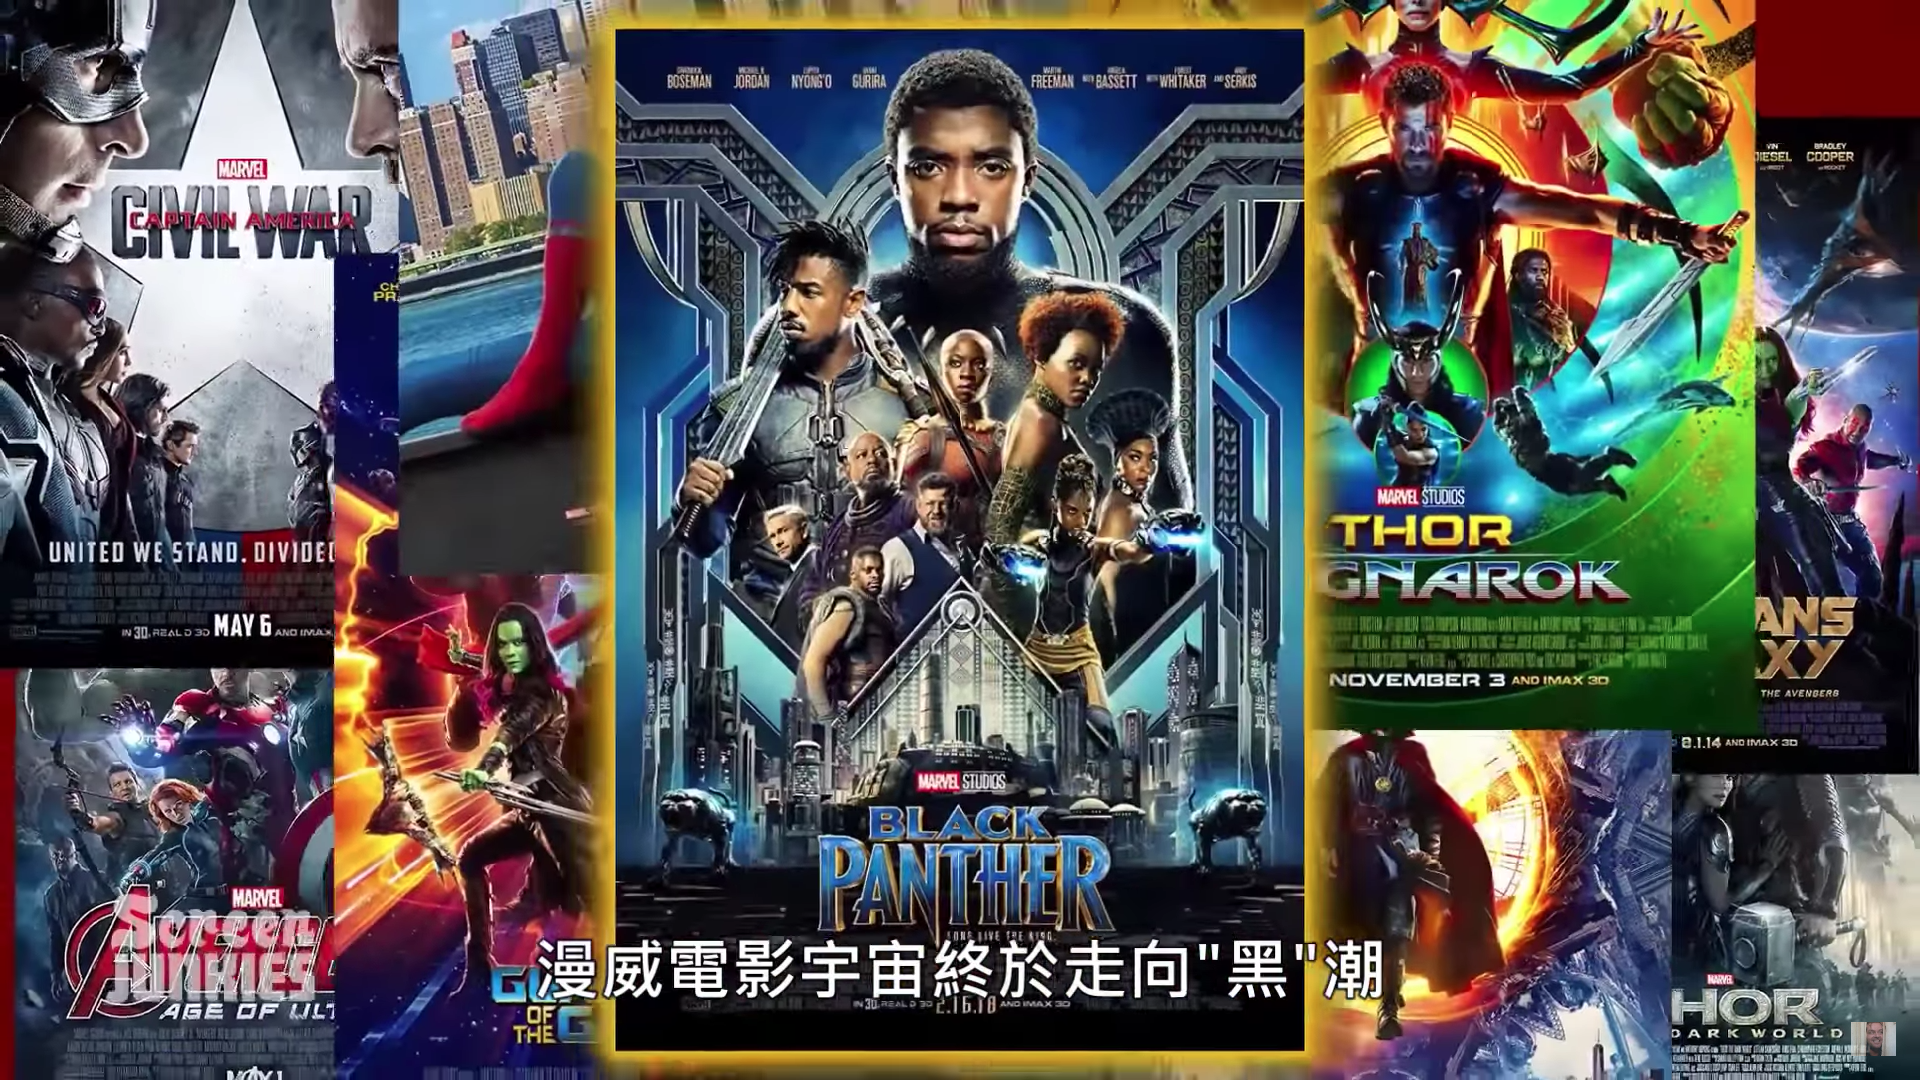 由 查德威克鮑斯曼 飾演的 漫威 超級英雄 電影 : 黑豹 , 引領新的話題潮流